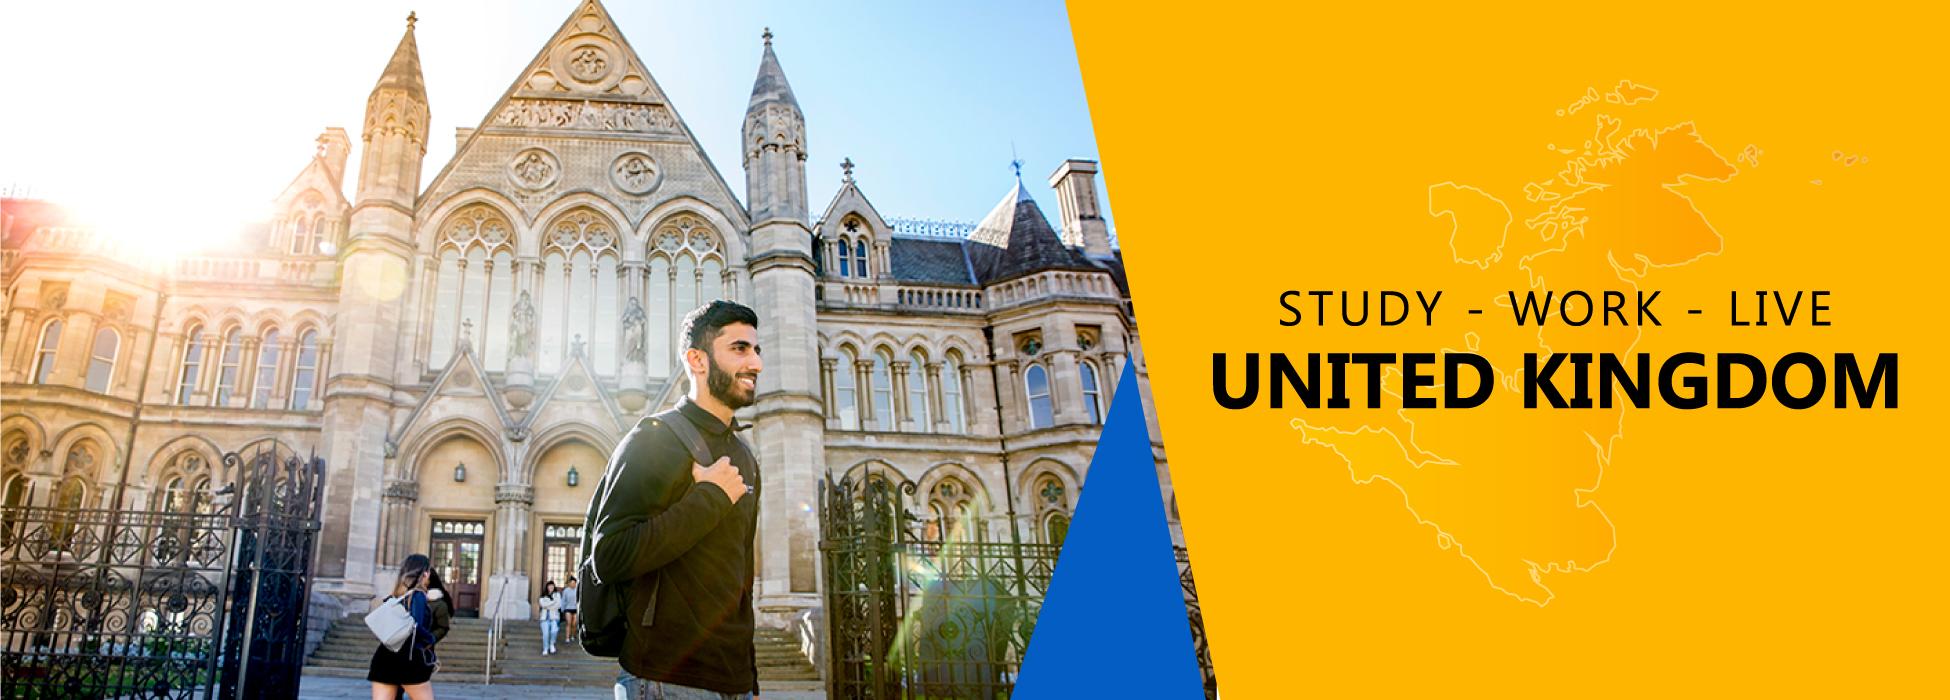 Nottingham-Trent-University